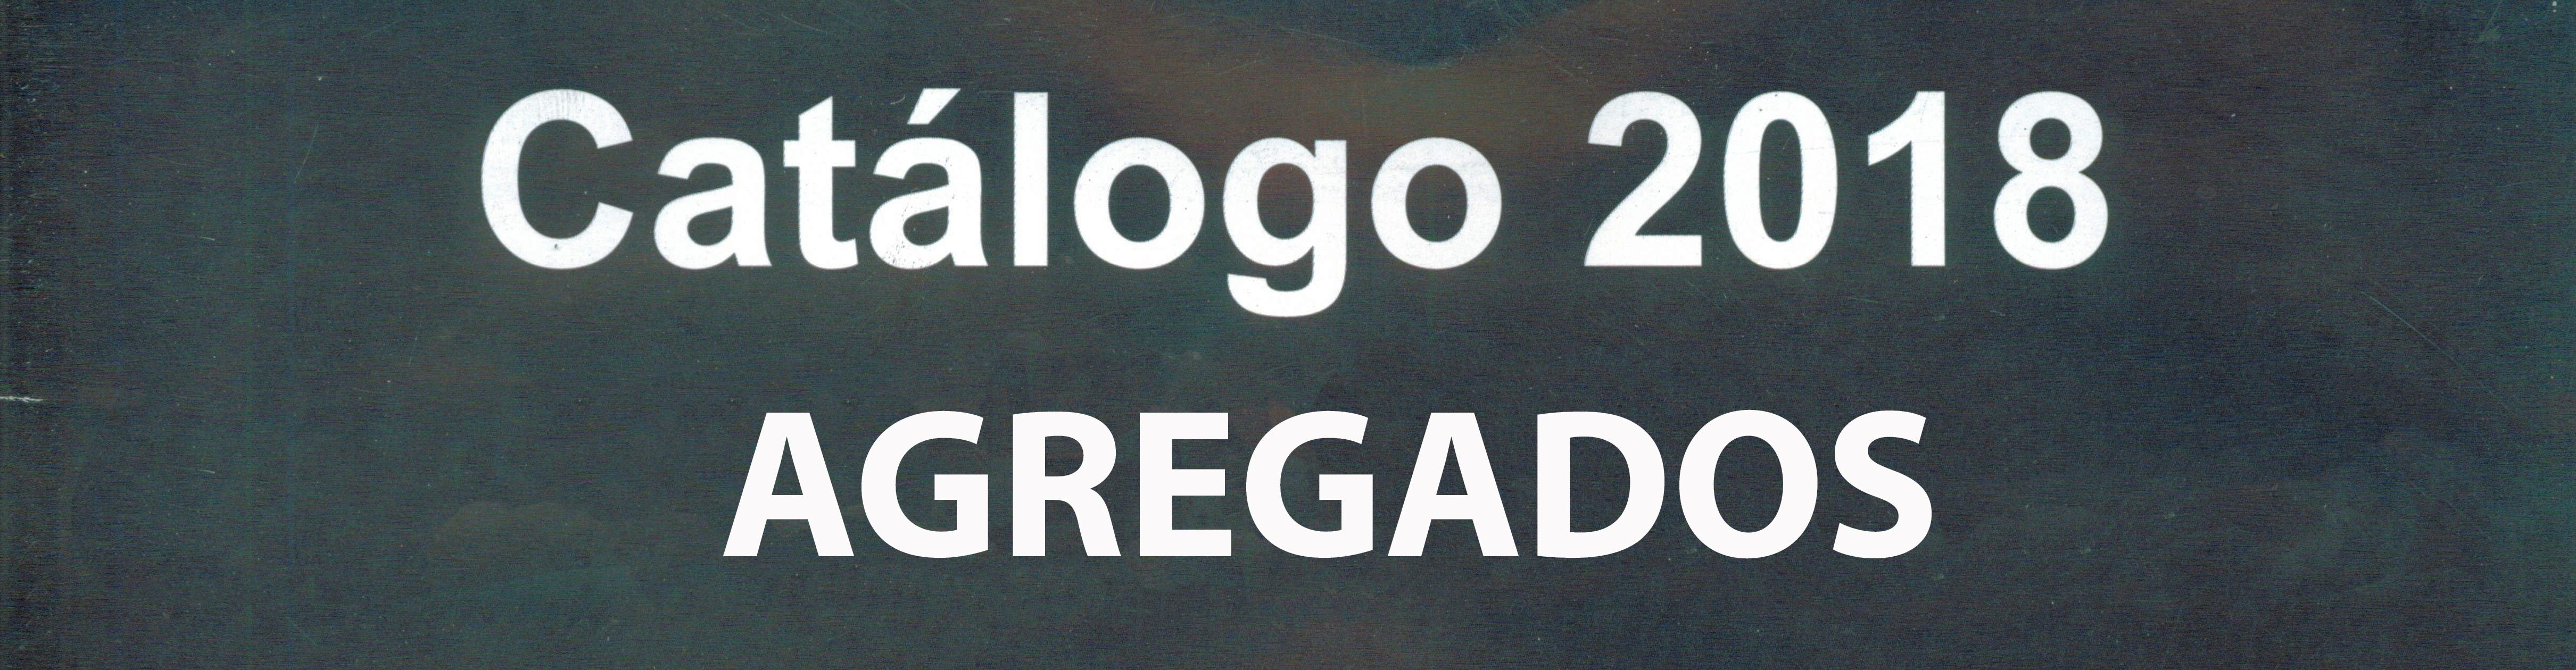 AGREGADOS CATALOGO 2018 (ENERO 2019) (1)